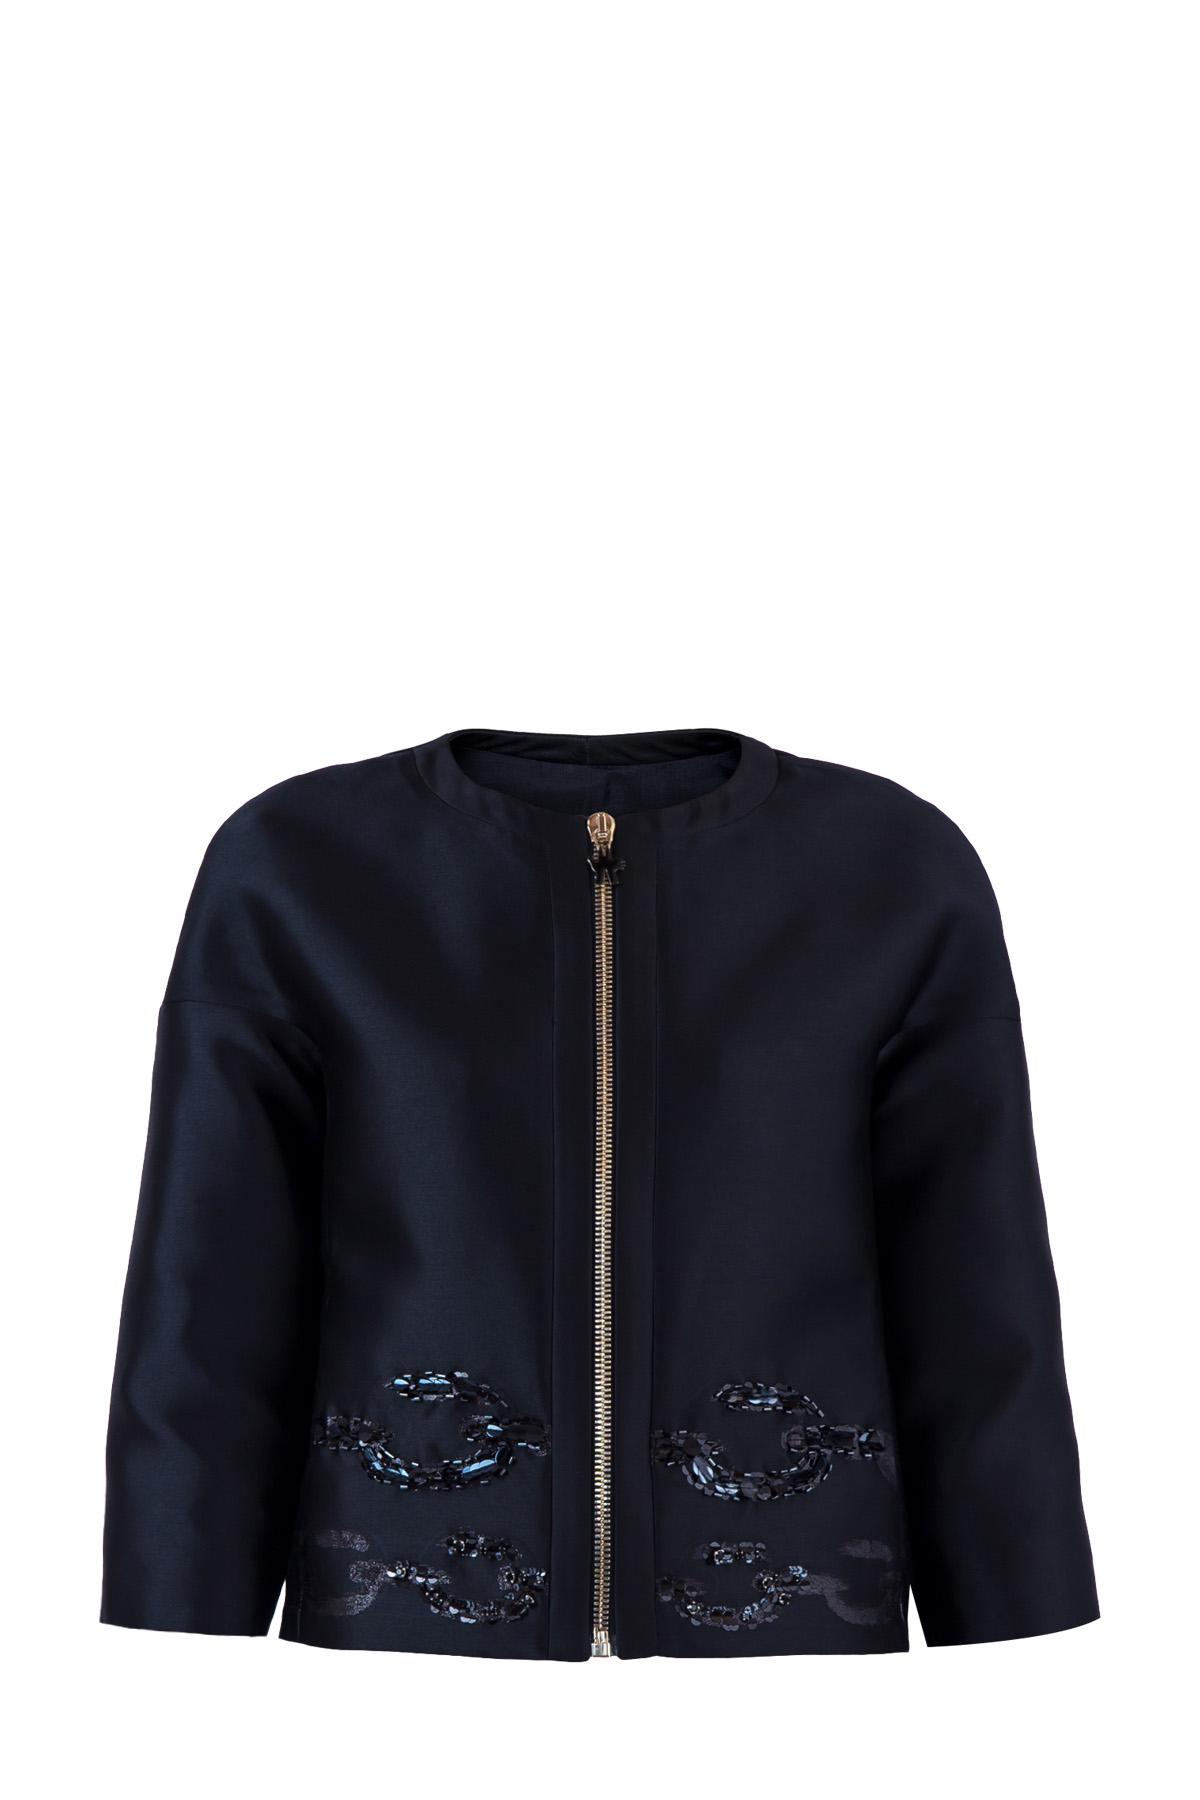 Купить Куртка, MONCLER, Италия, полиэстер 82%, шелк 16%, металлизированные волокна 2%, шелк 100%, полиэстер 81%, шелк 19%